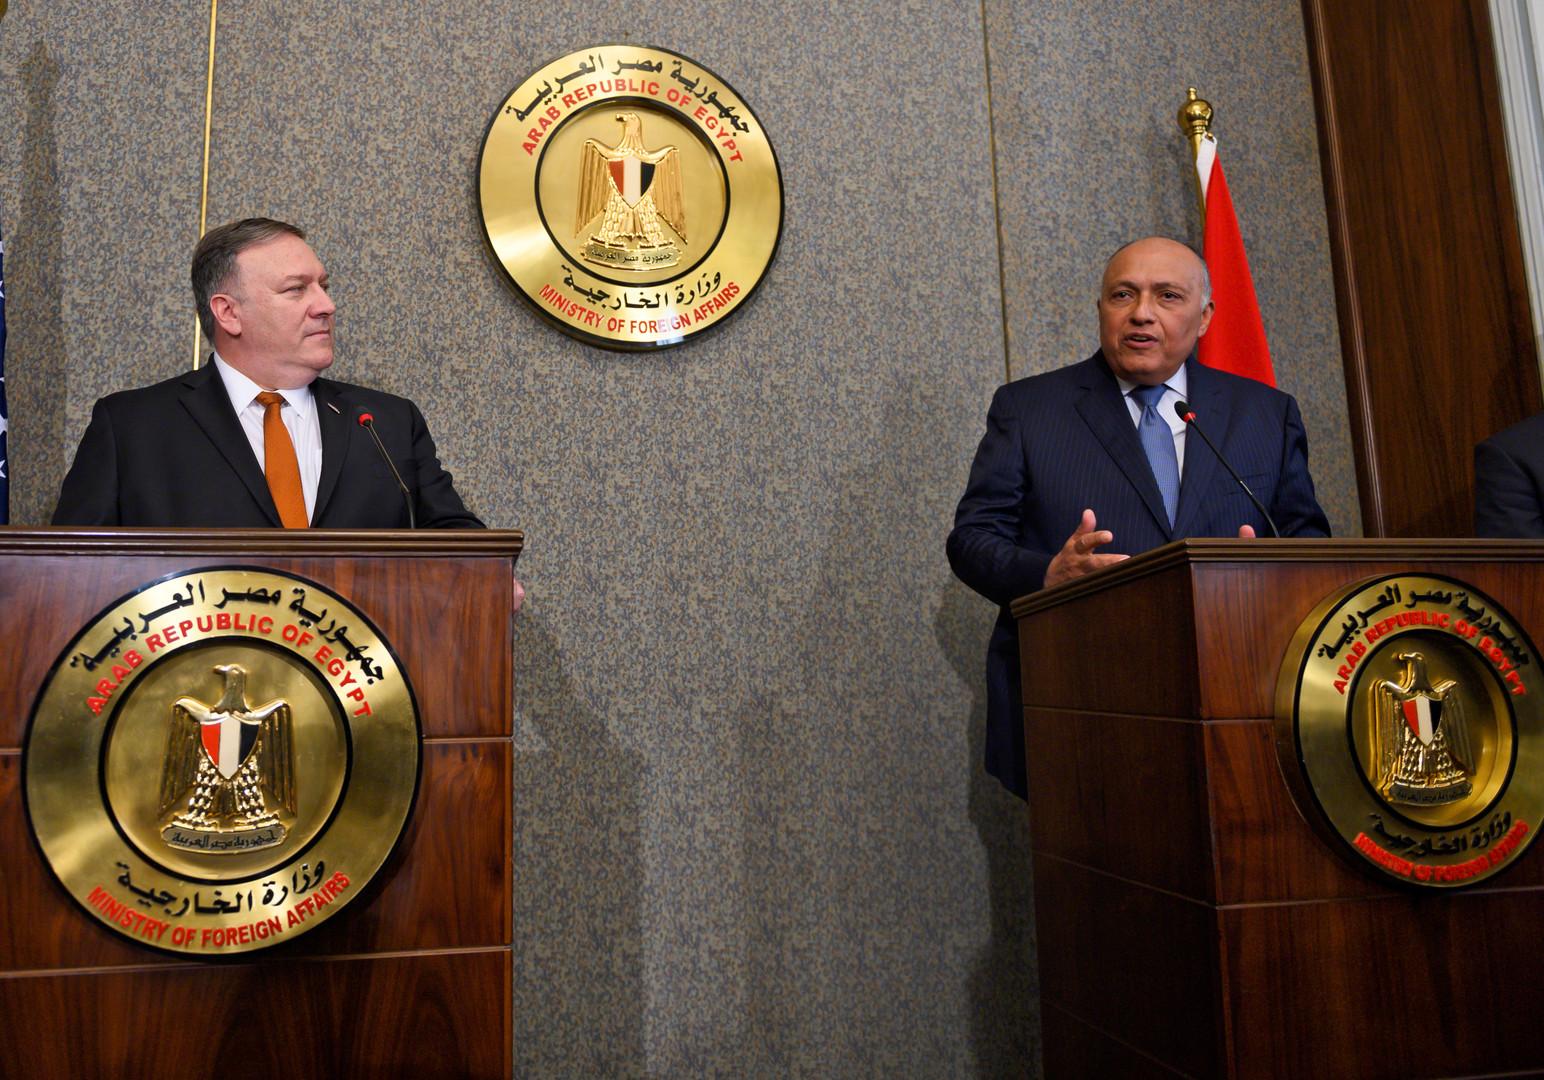 وزير الخارجية المصري، سامح شكري، ونظيره الأمريكي، مايك بومبيو، خلال لقائهما في القاهرة يوم 10 يناير 2019